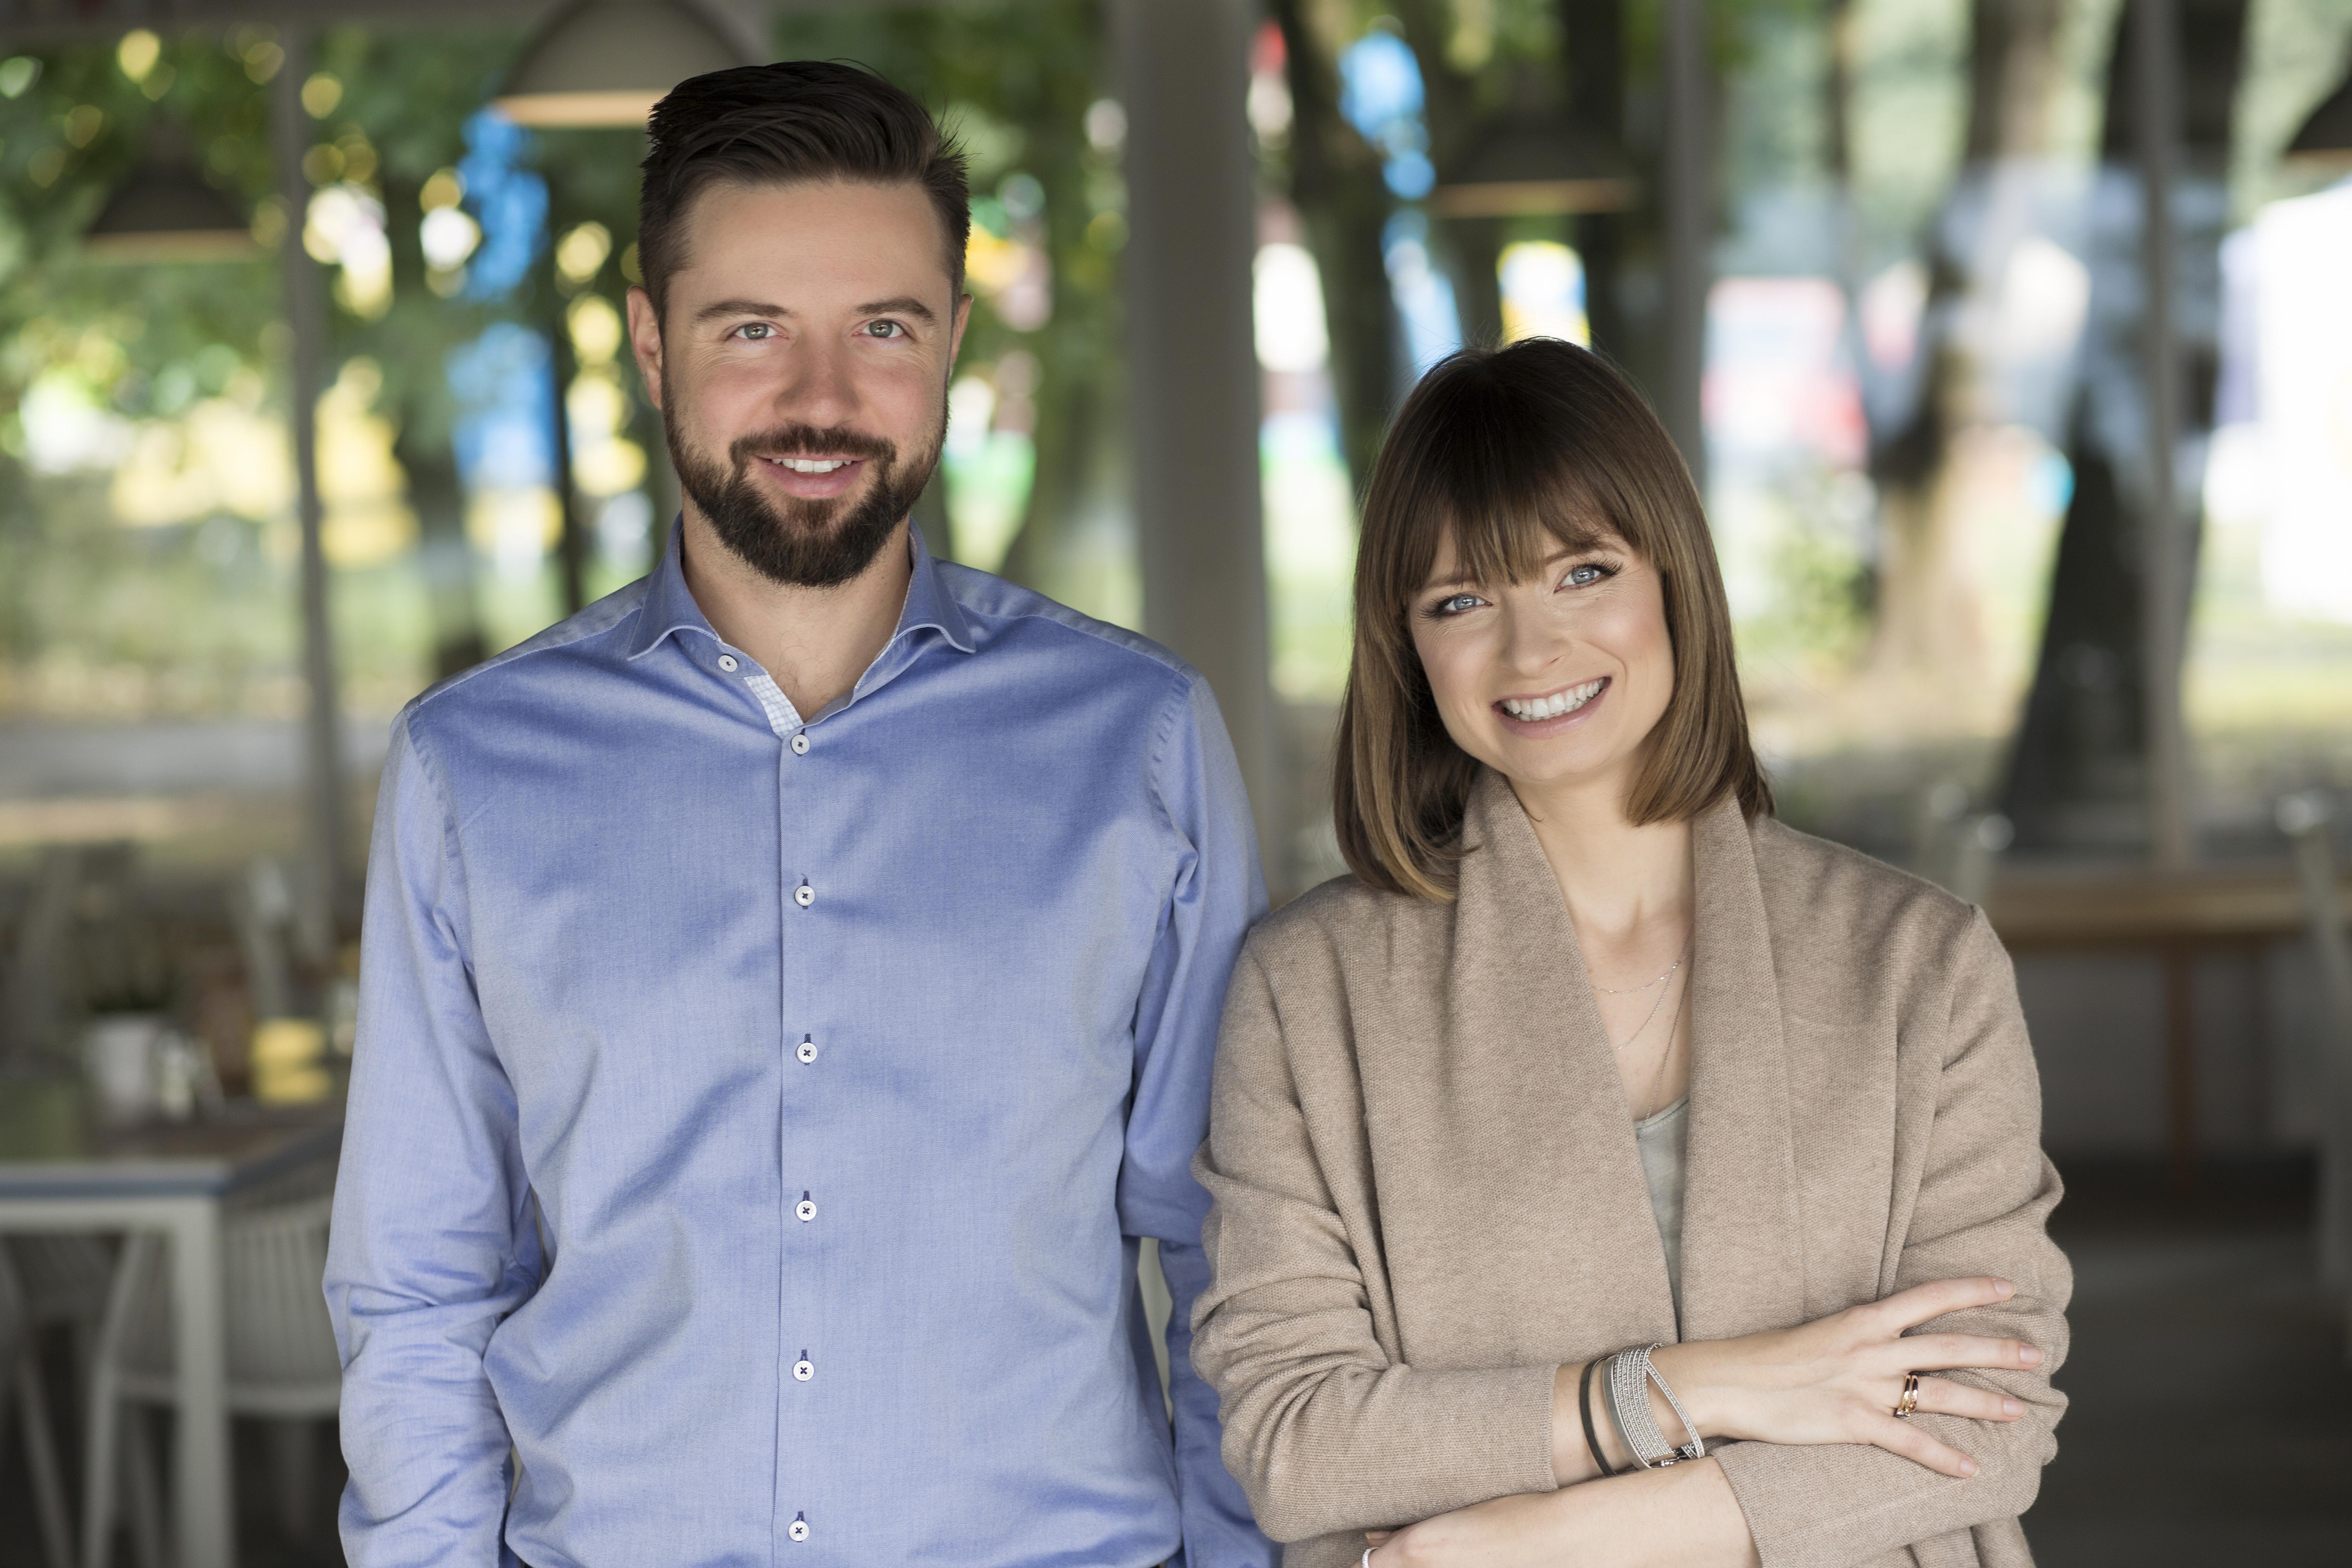 W 2012 r. Wojciech Kruk wraz z siostrą Anią Kruk zaczął budować firmę rodzinną od nowa. (Fot. Natalia Niedziela)